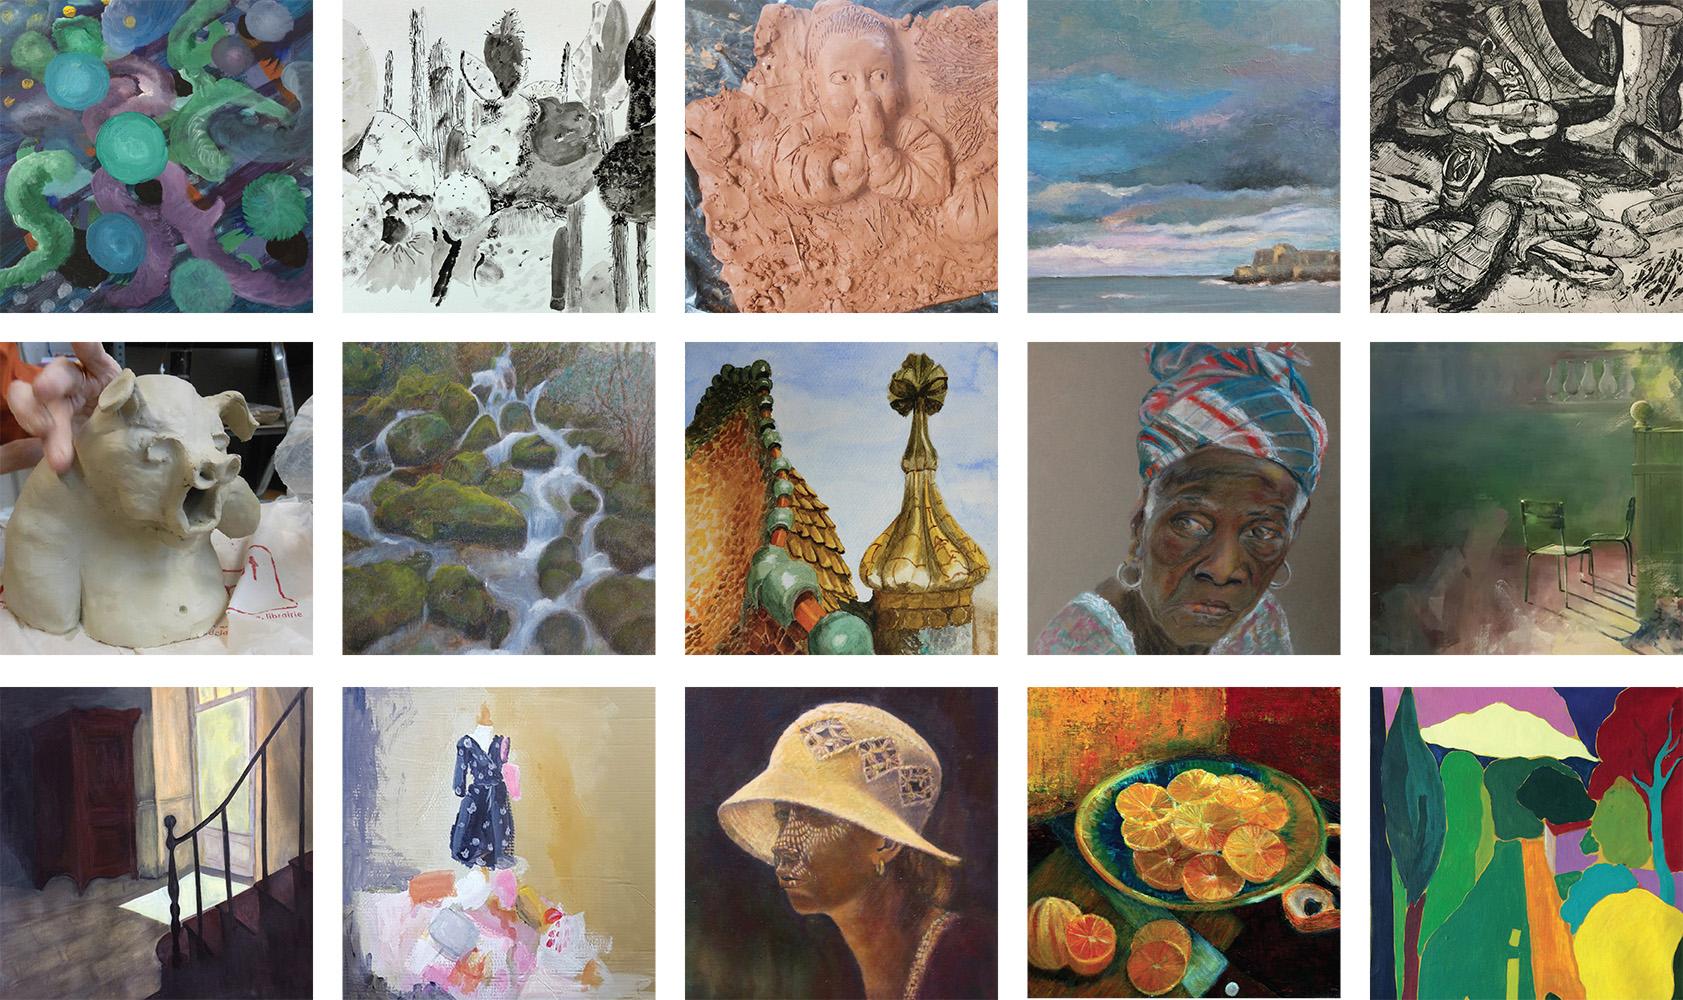 sbac atelier cours dessin,peinture,gravure,sculpture,Clamart